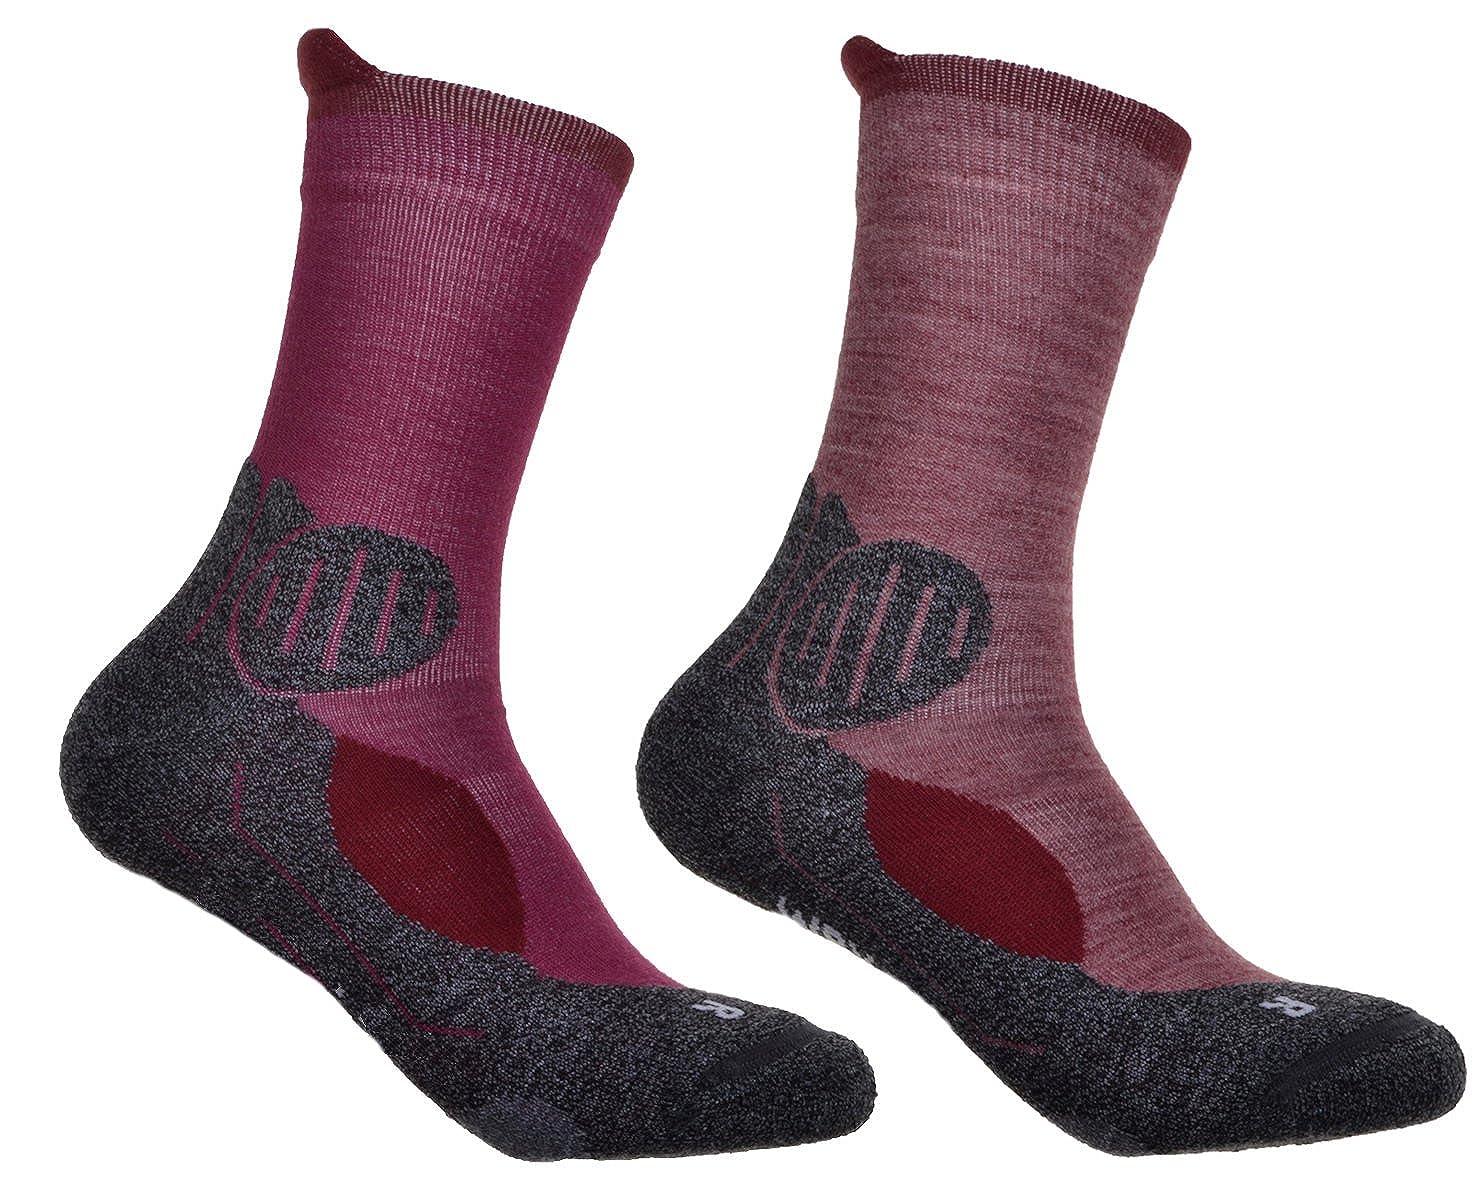 2 pairs of ladies walking socks Wool Blend Boot Winter socks